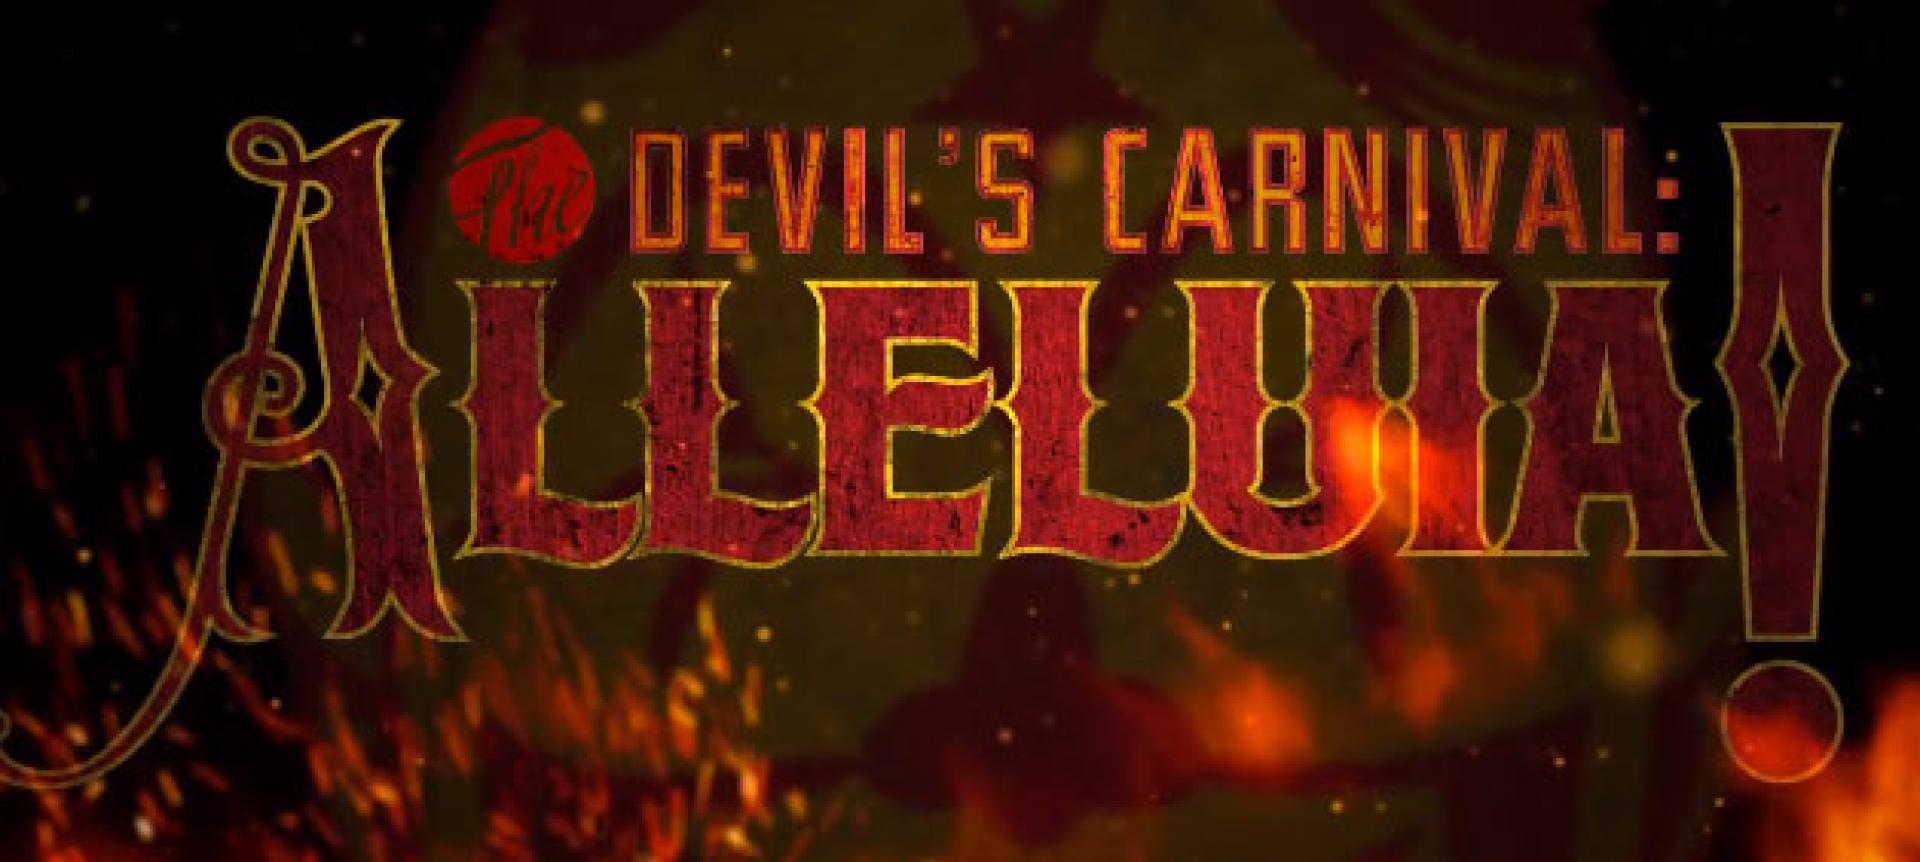 The Devil's Carnival: Alleluia!-előzetes